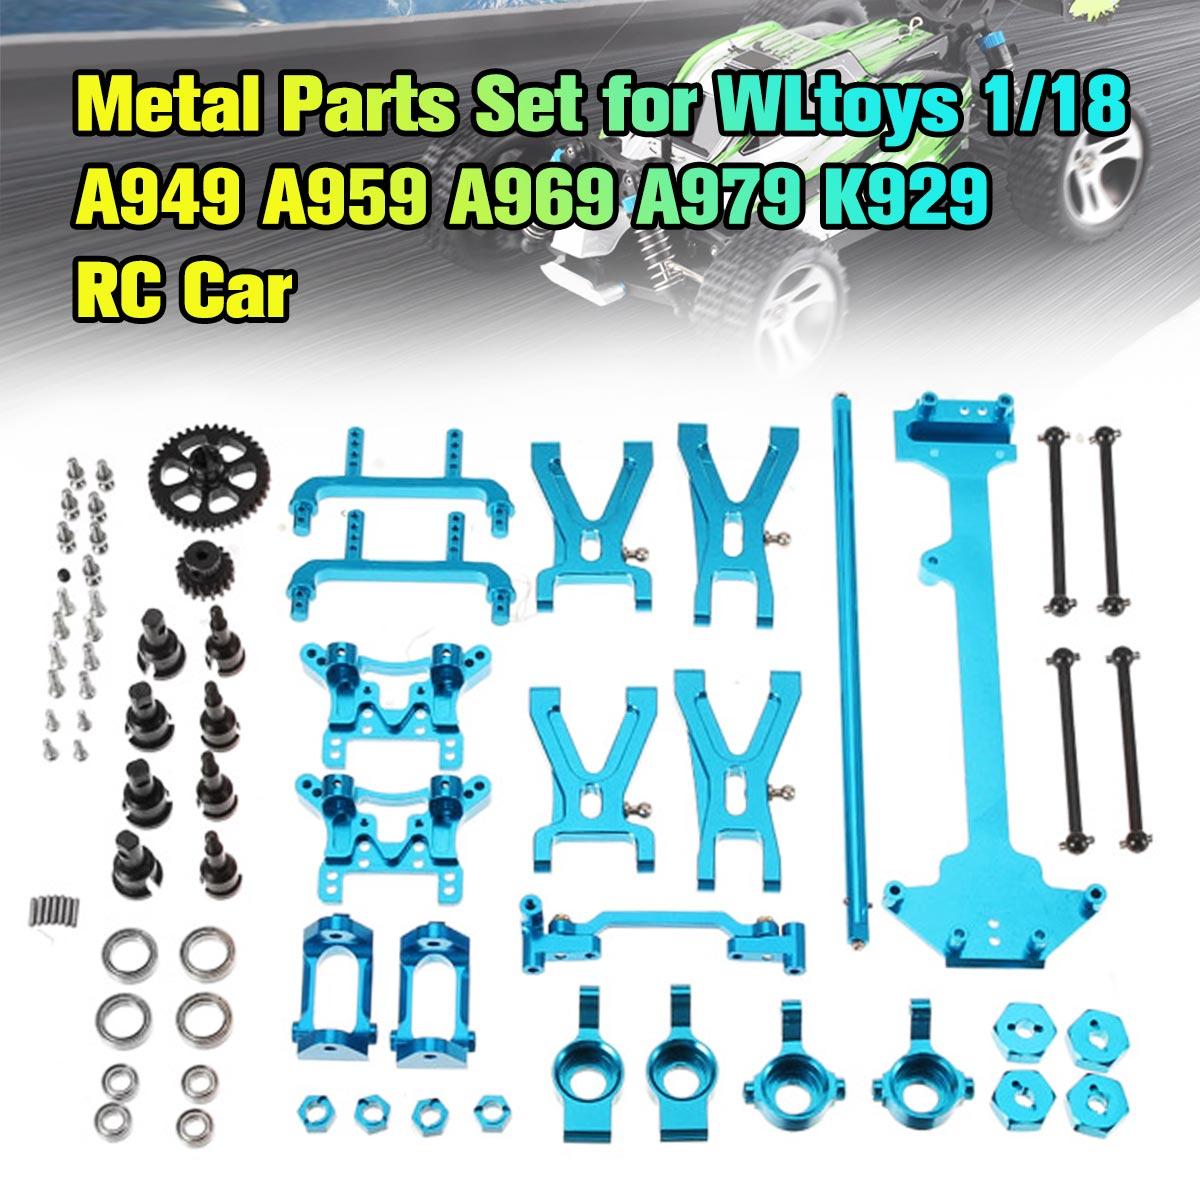 WLtoys 1/18 A949 A959 A969 A979 K929 mis à niveau en métal RC pièces de Kit de pièces de voiture arbre d'entraînement conseil de direction moyeu réducteur